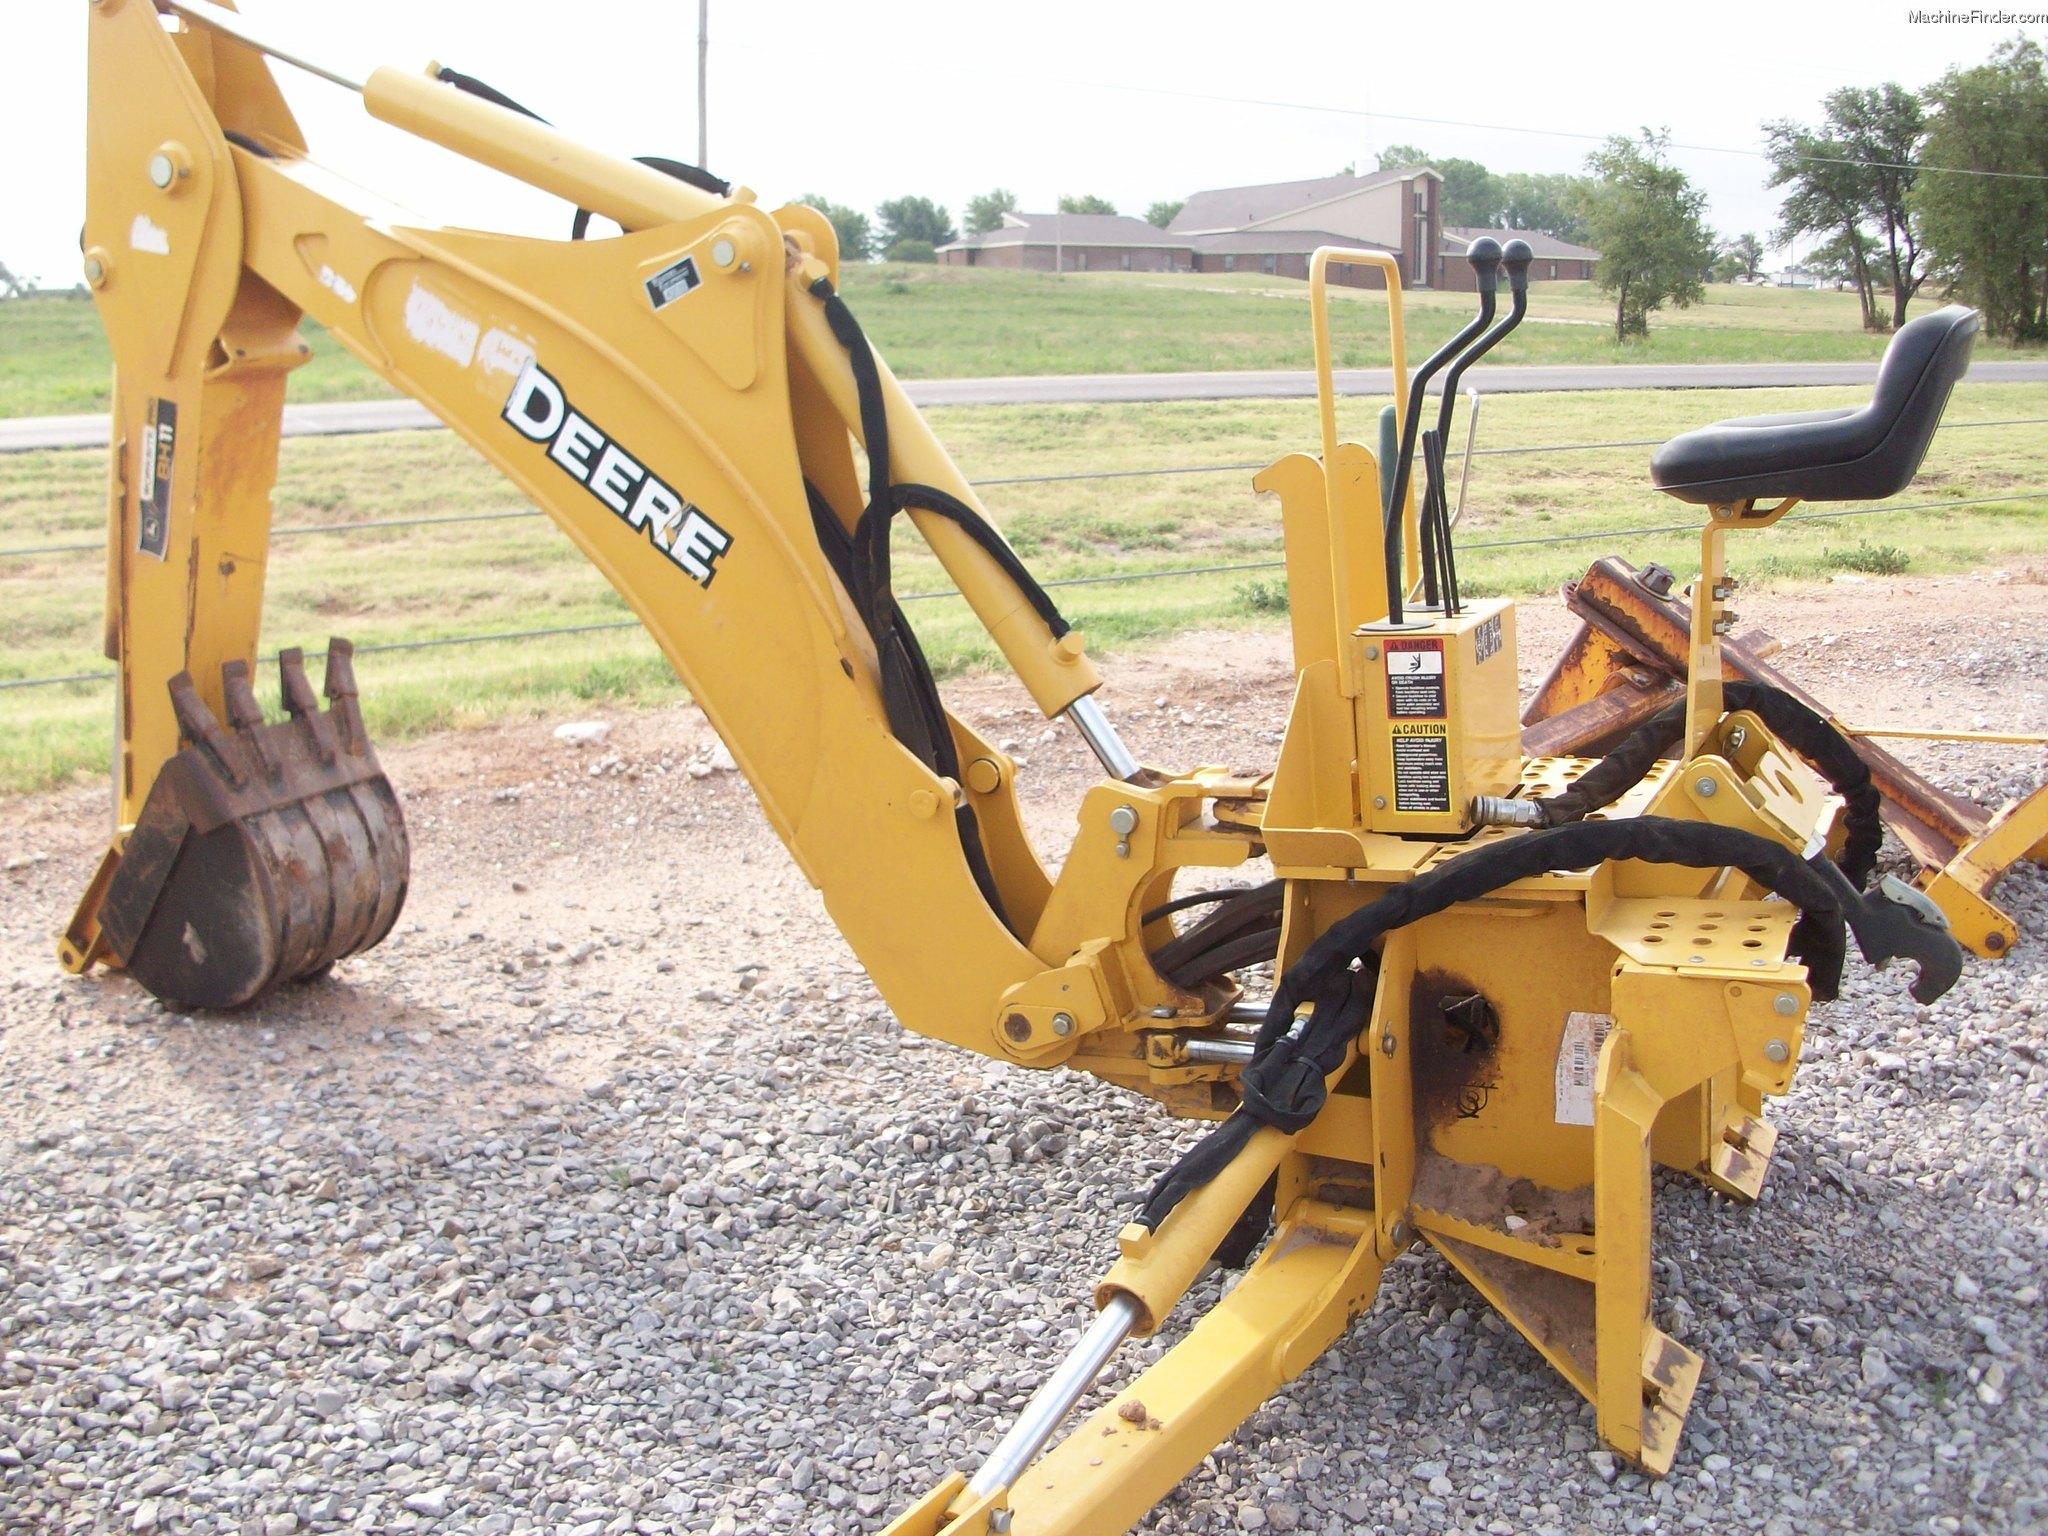 2010 John Deere BH11 Backhoe - John Deere MachineFinder